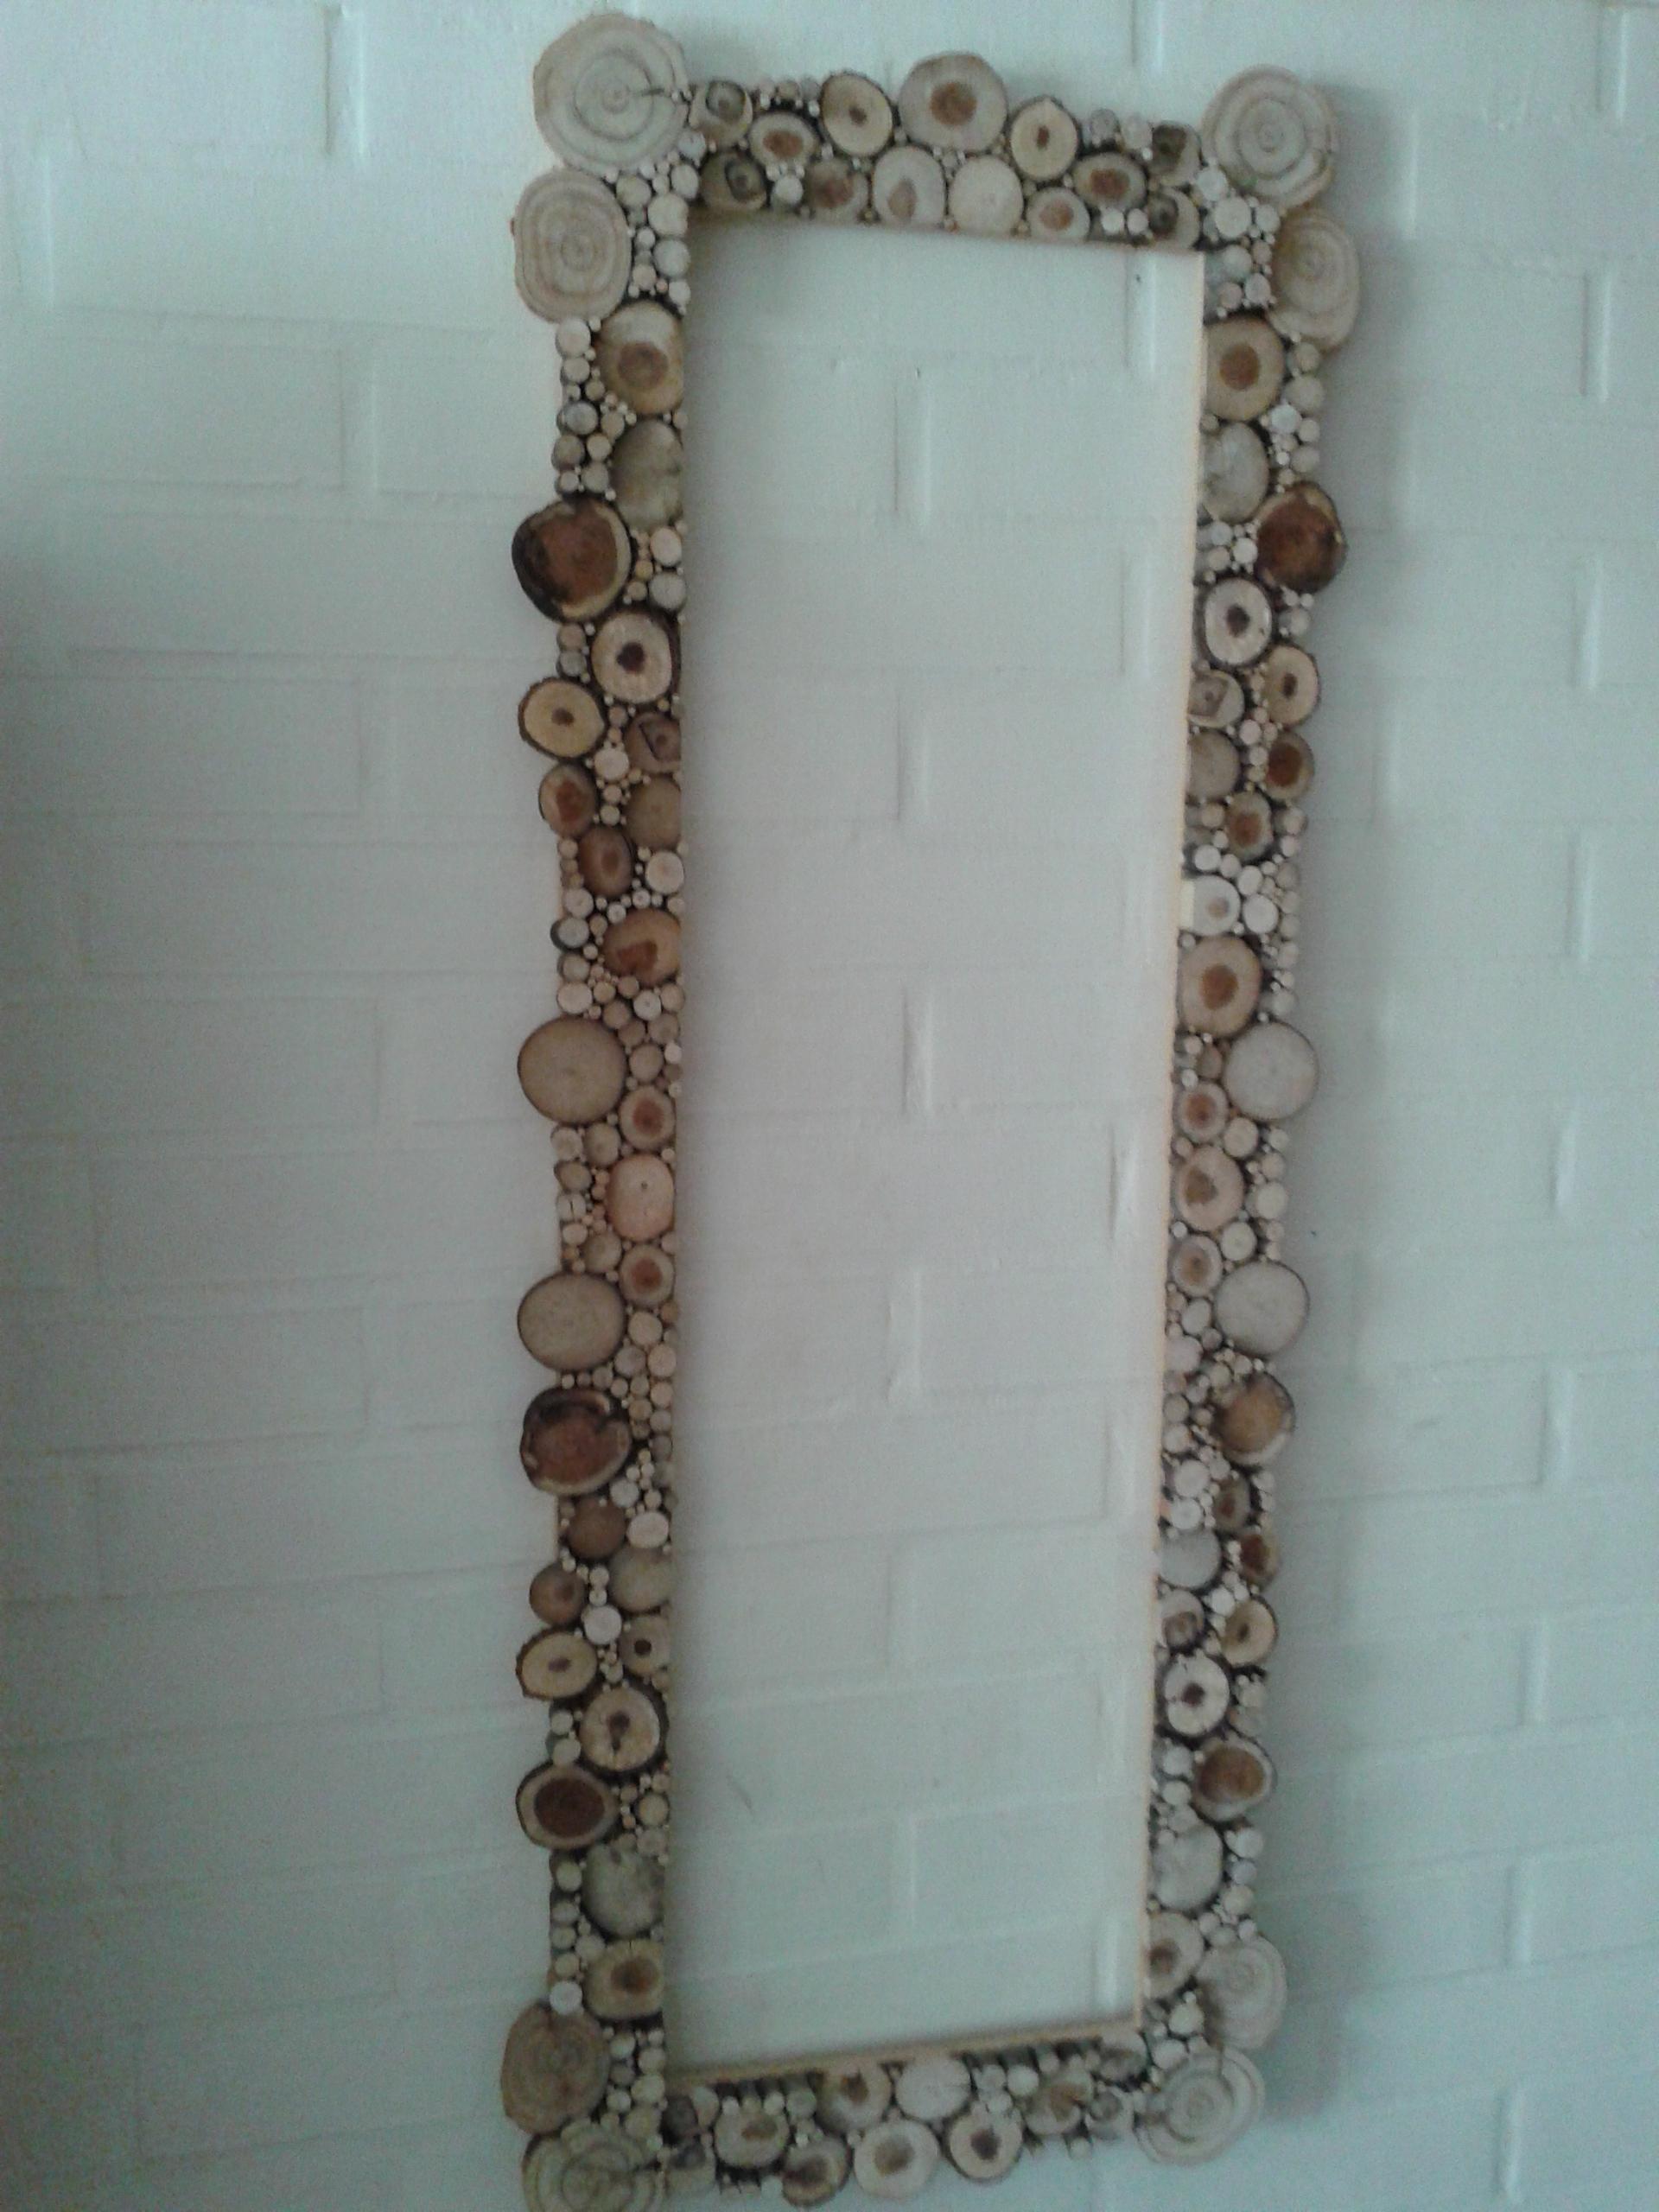 Marcos en madera r stica busca mi pyme for Disenos de marcos de madera para espejos